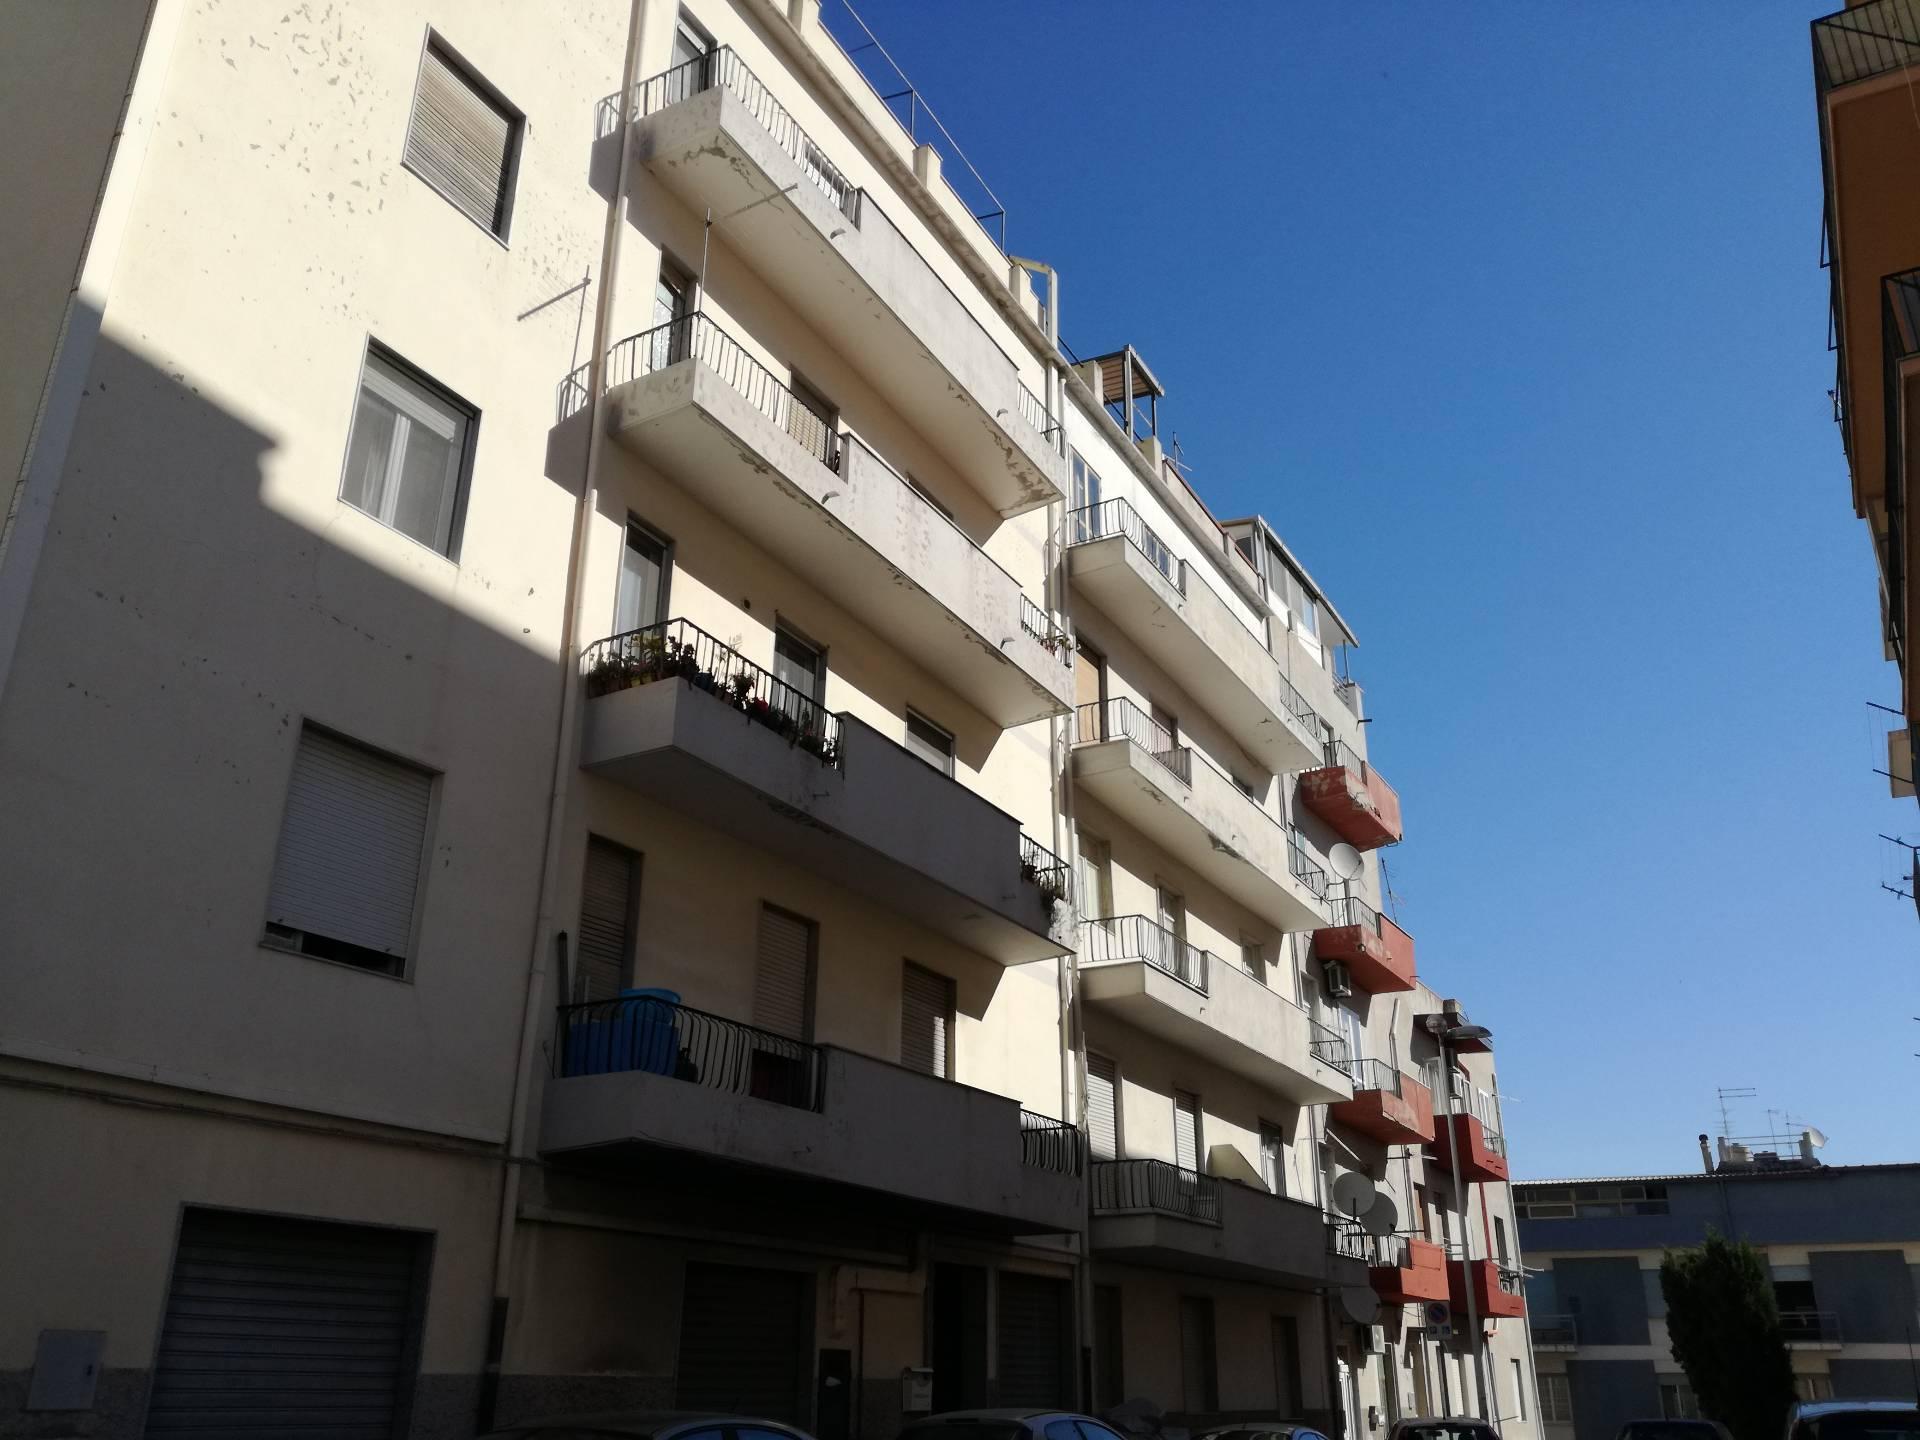 Appartamento in affitto a Cagliari, 3 locali, zona Località: IsMirrionis, prezzo € 550 | Cambio Casa.it